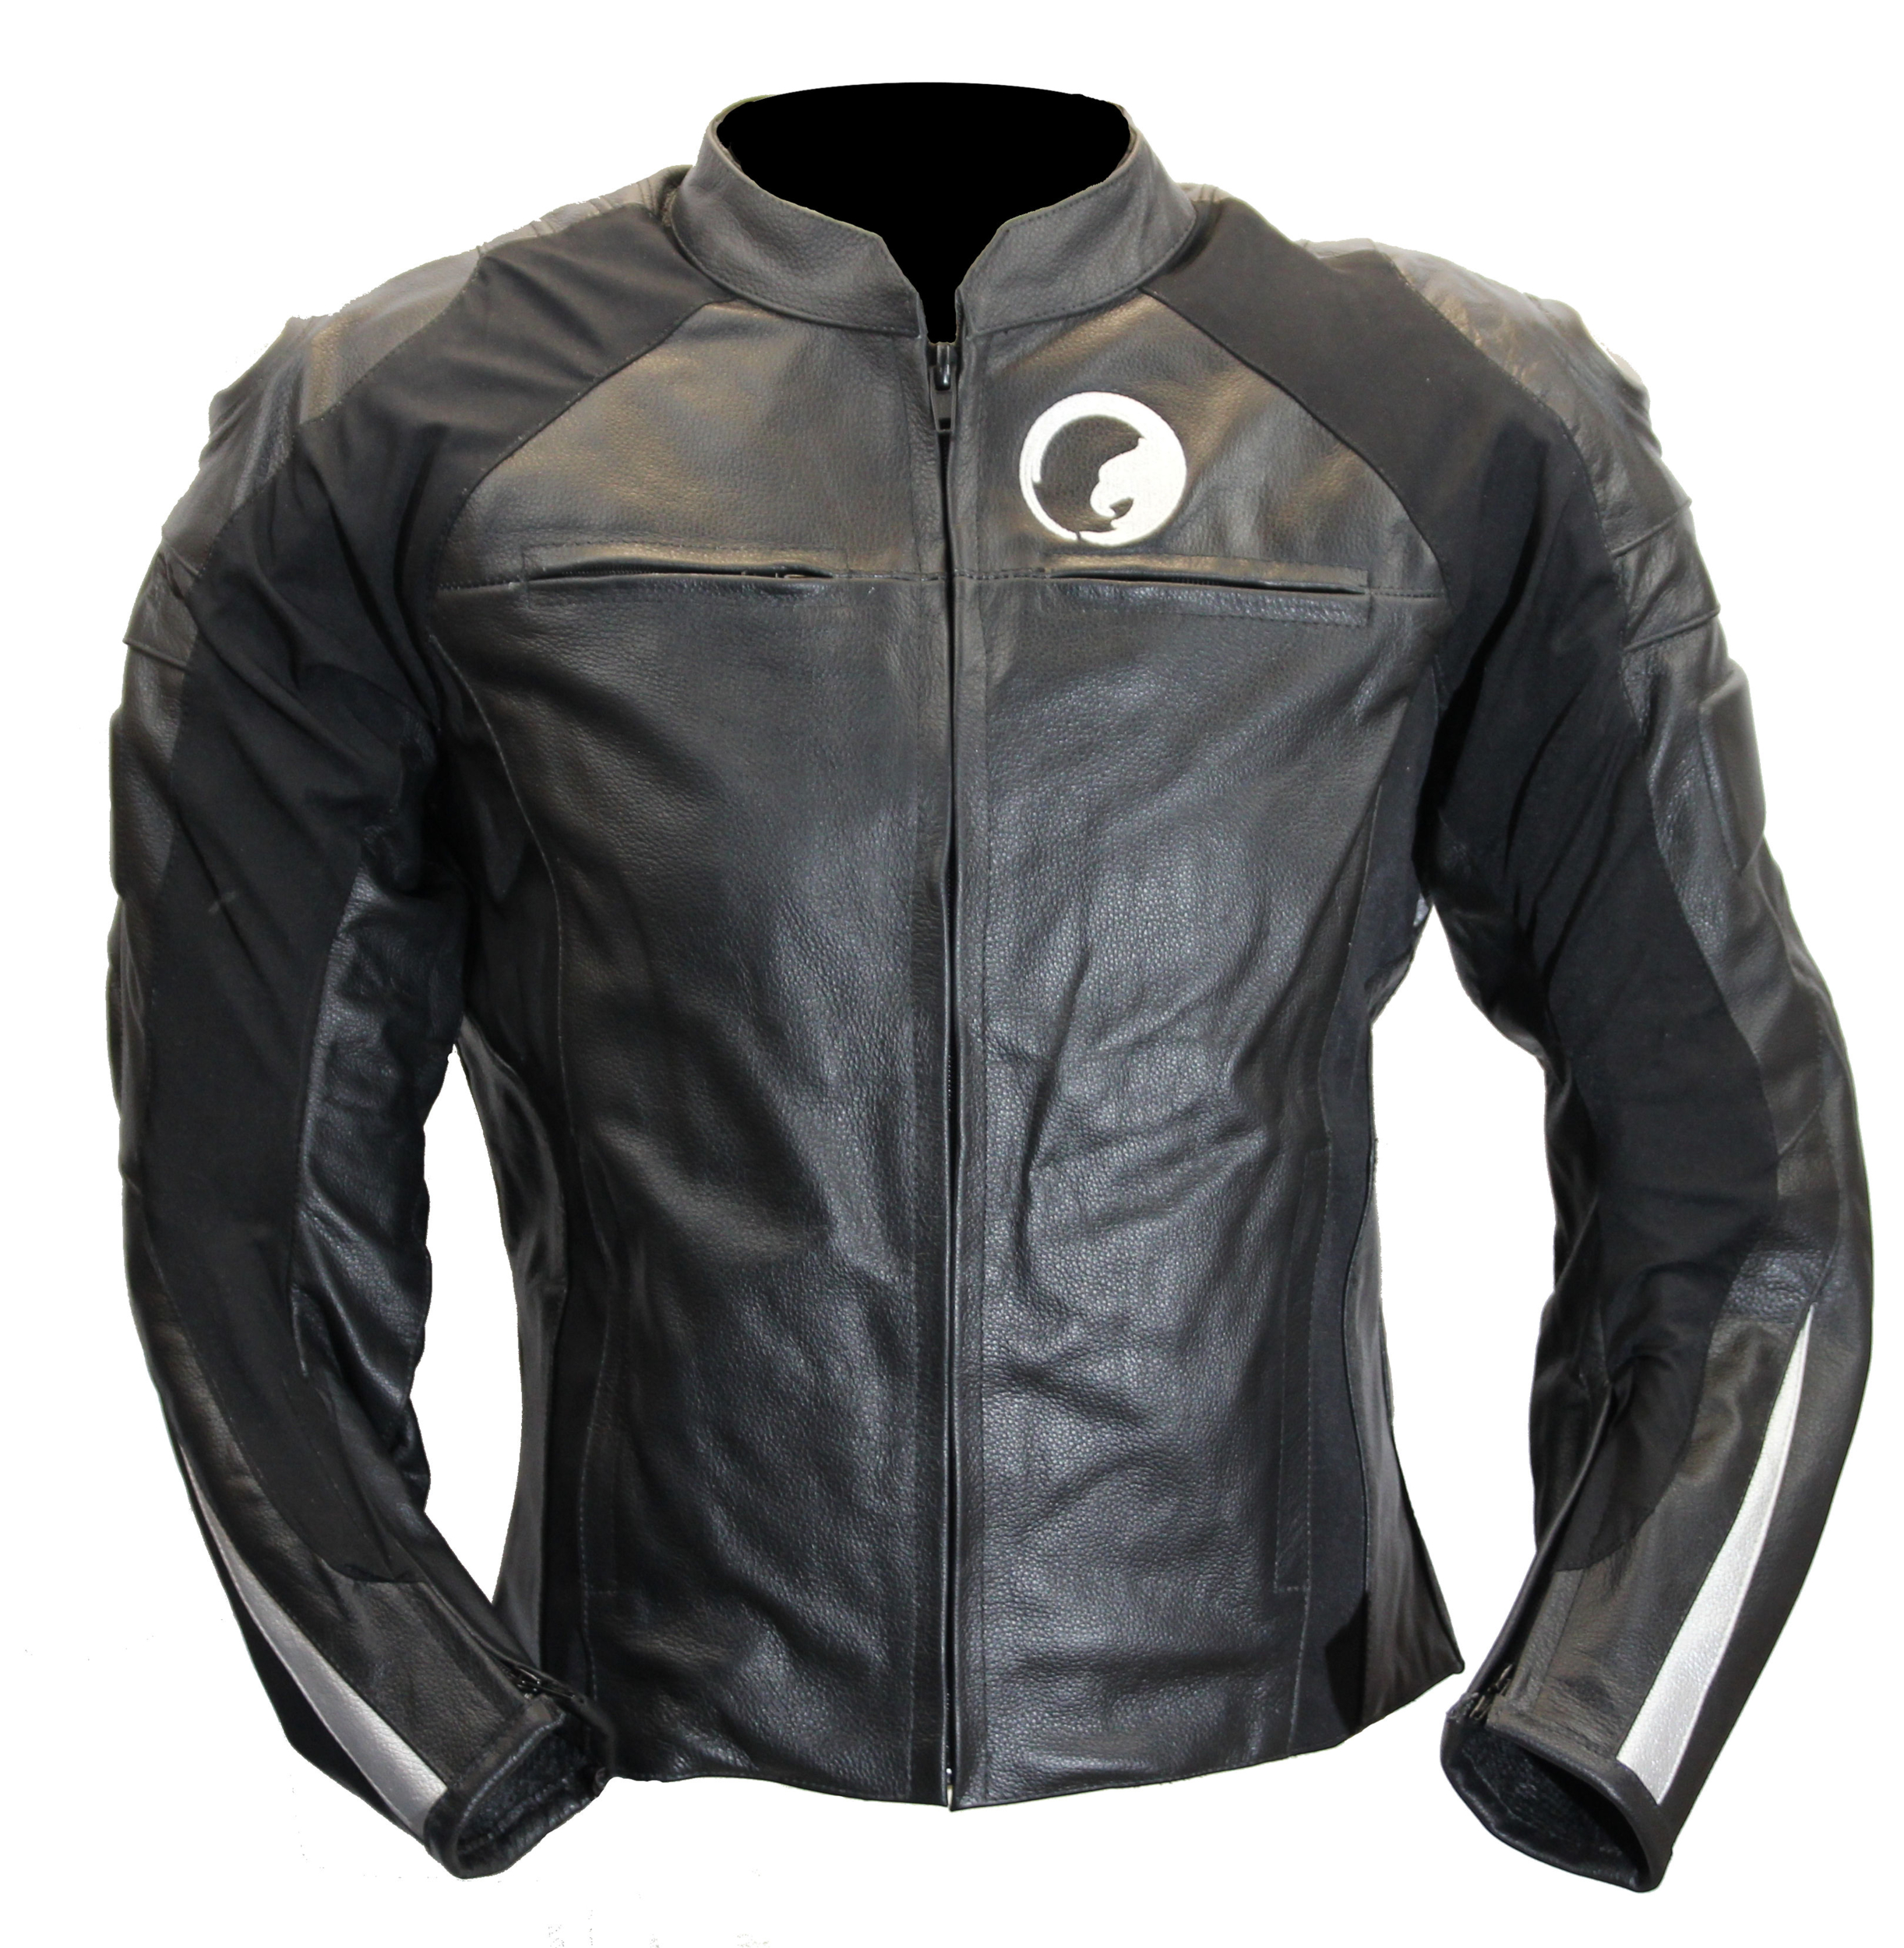 Vente flash blouson cuir moto